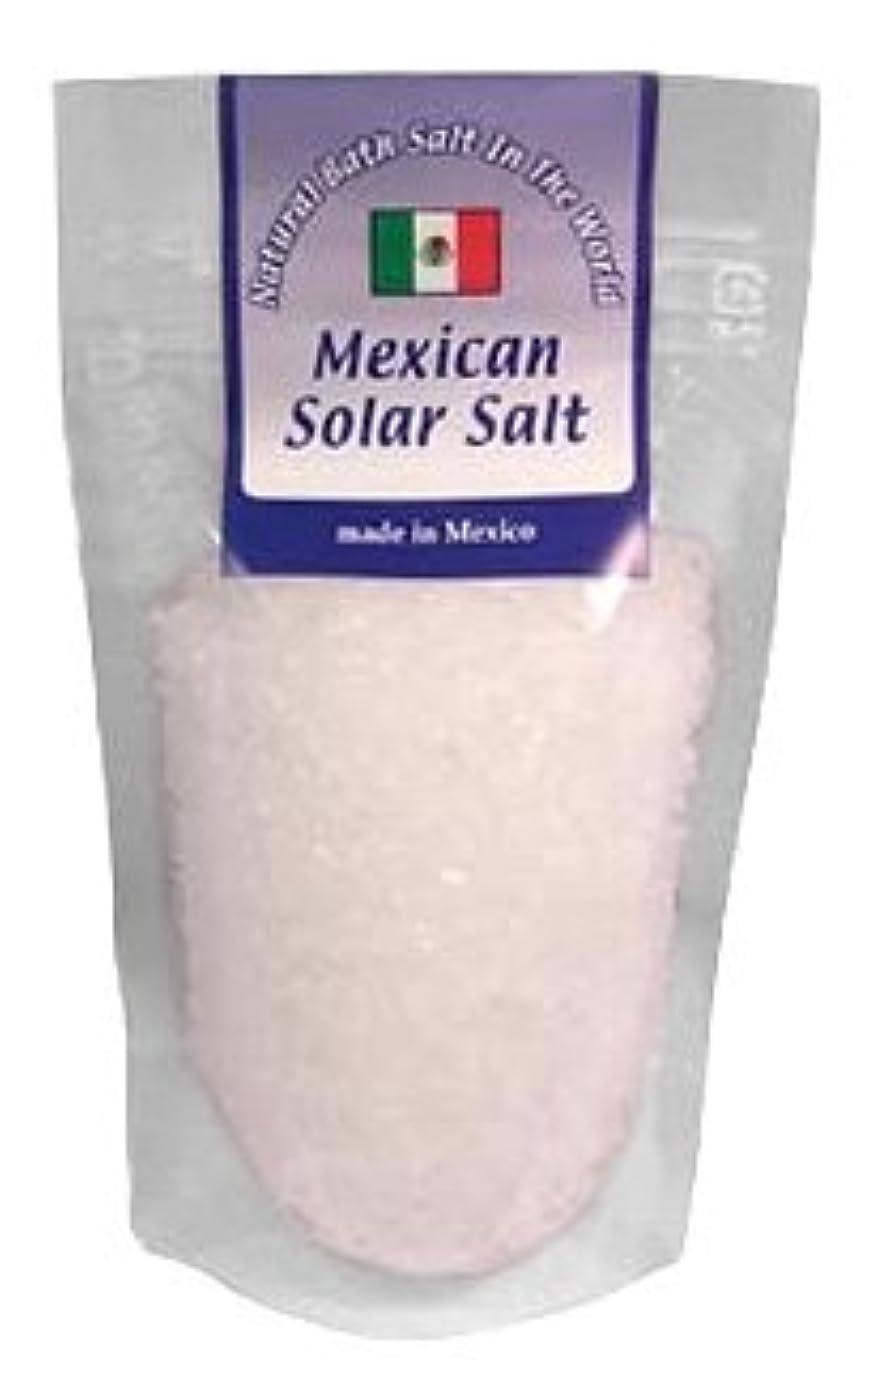 絡み合い求人遺産ジーピークリエイツ 世界のバスソルト メキシカン ソッラーソルトS